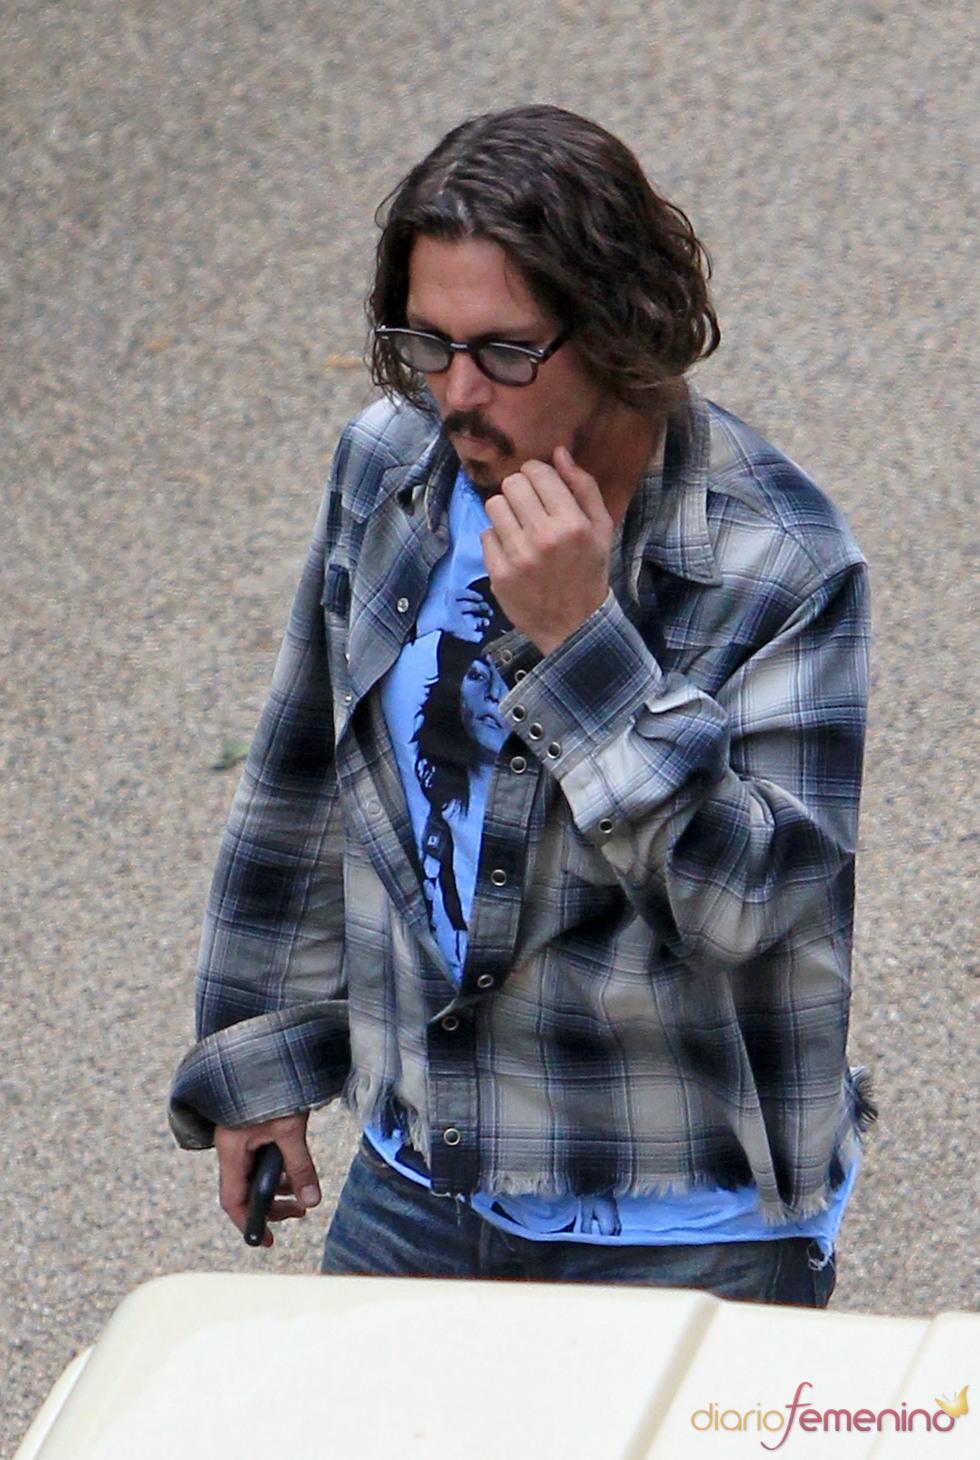 Johnny Depp en el set de rodaje de 'Piratas del Caribe 4'